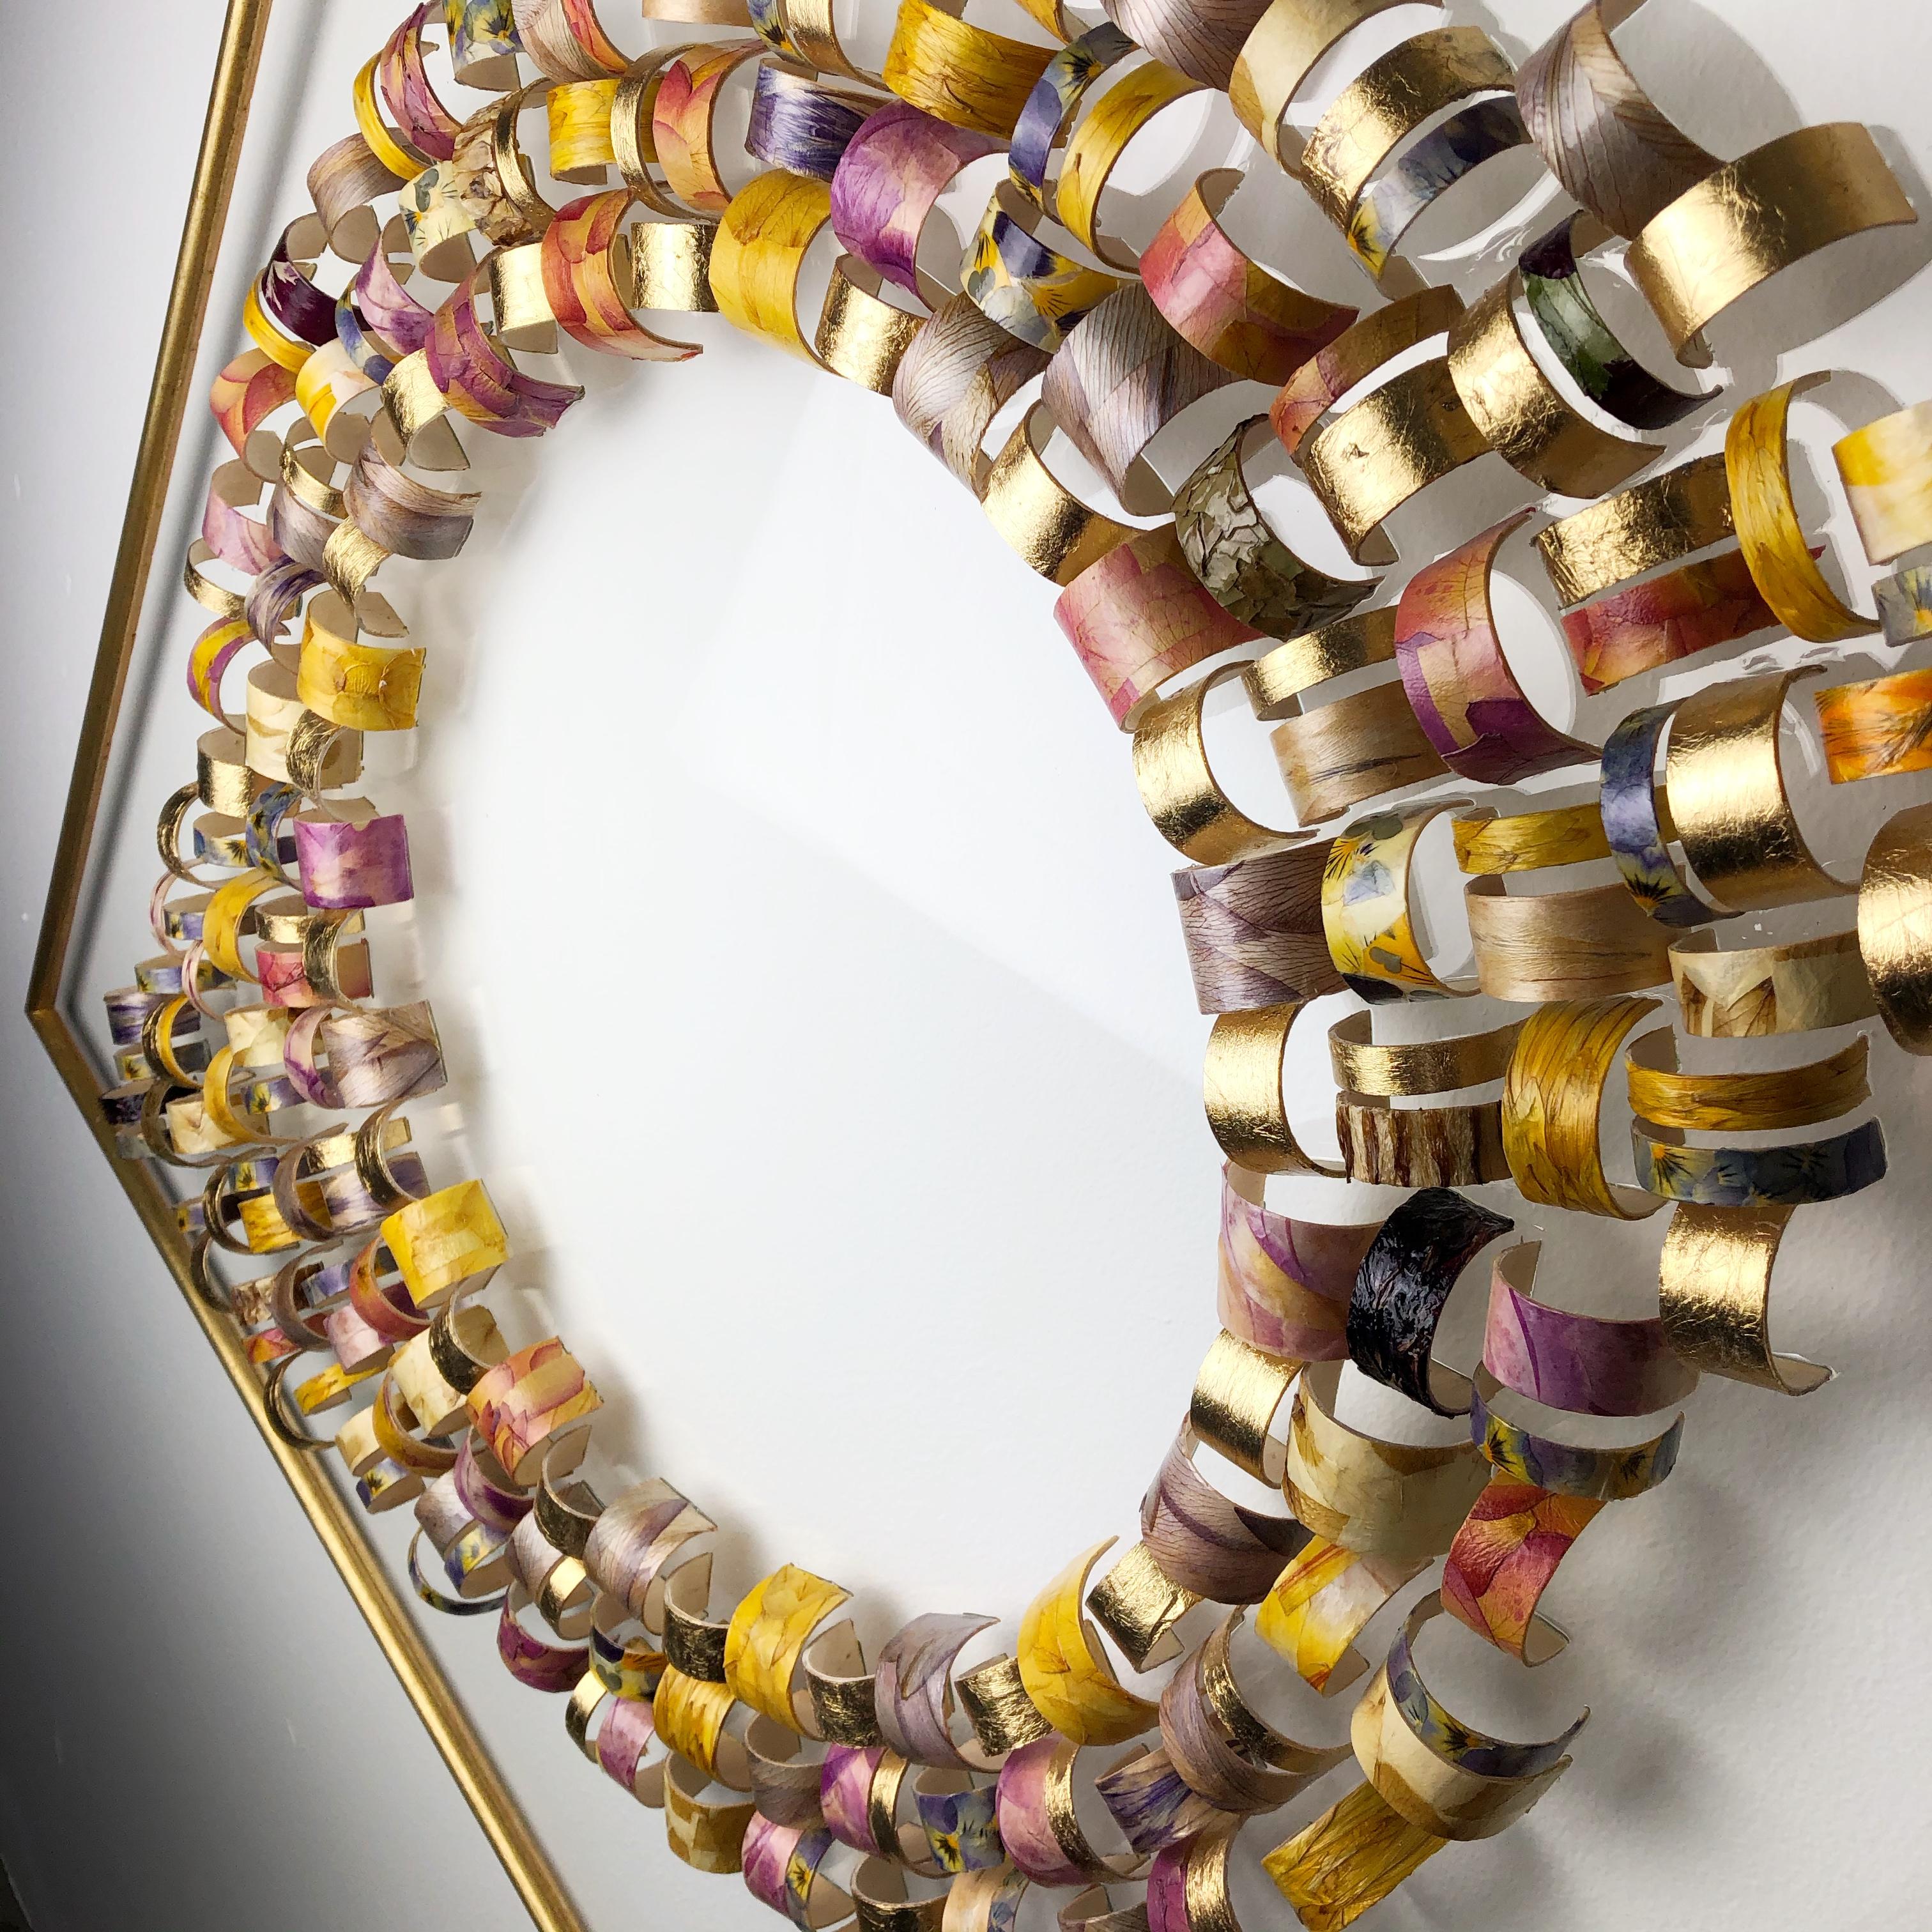 le-bouquet-des-gens-qui-s-aiment-collection-maria-rosa-artiste-mdauteuil